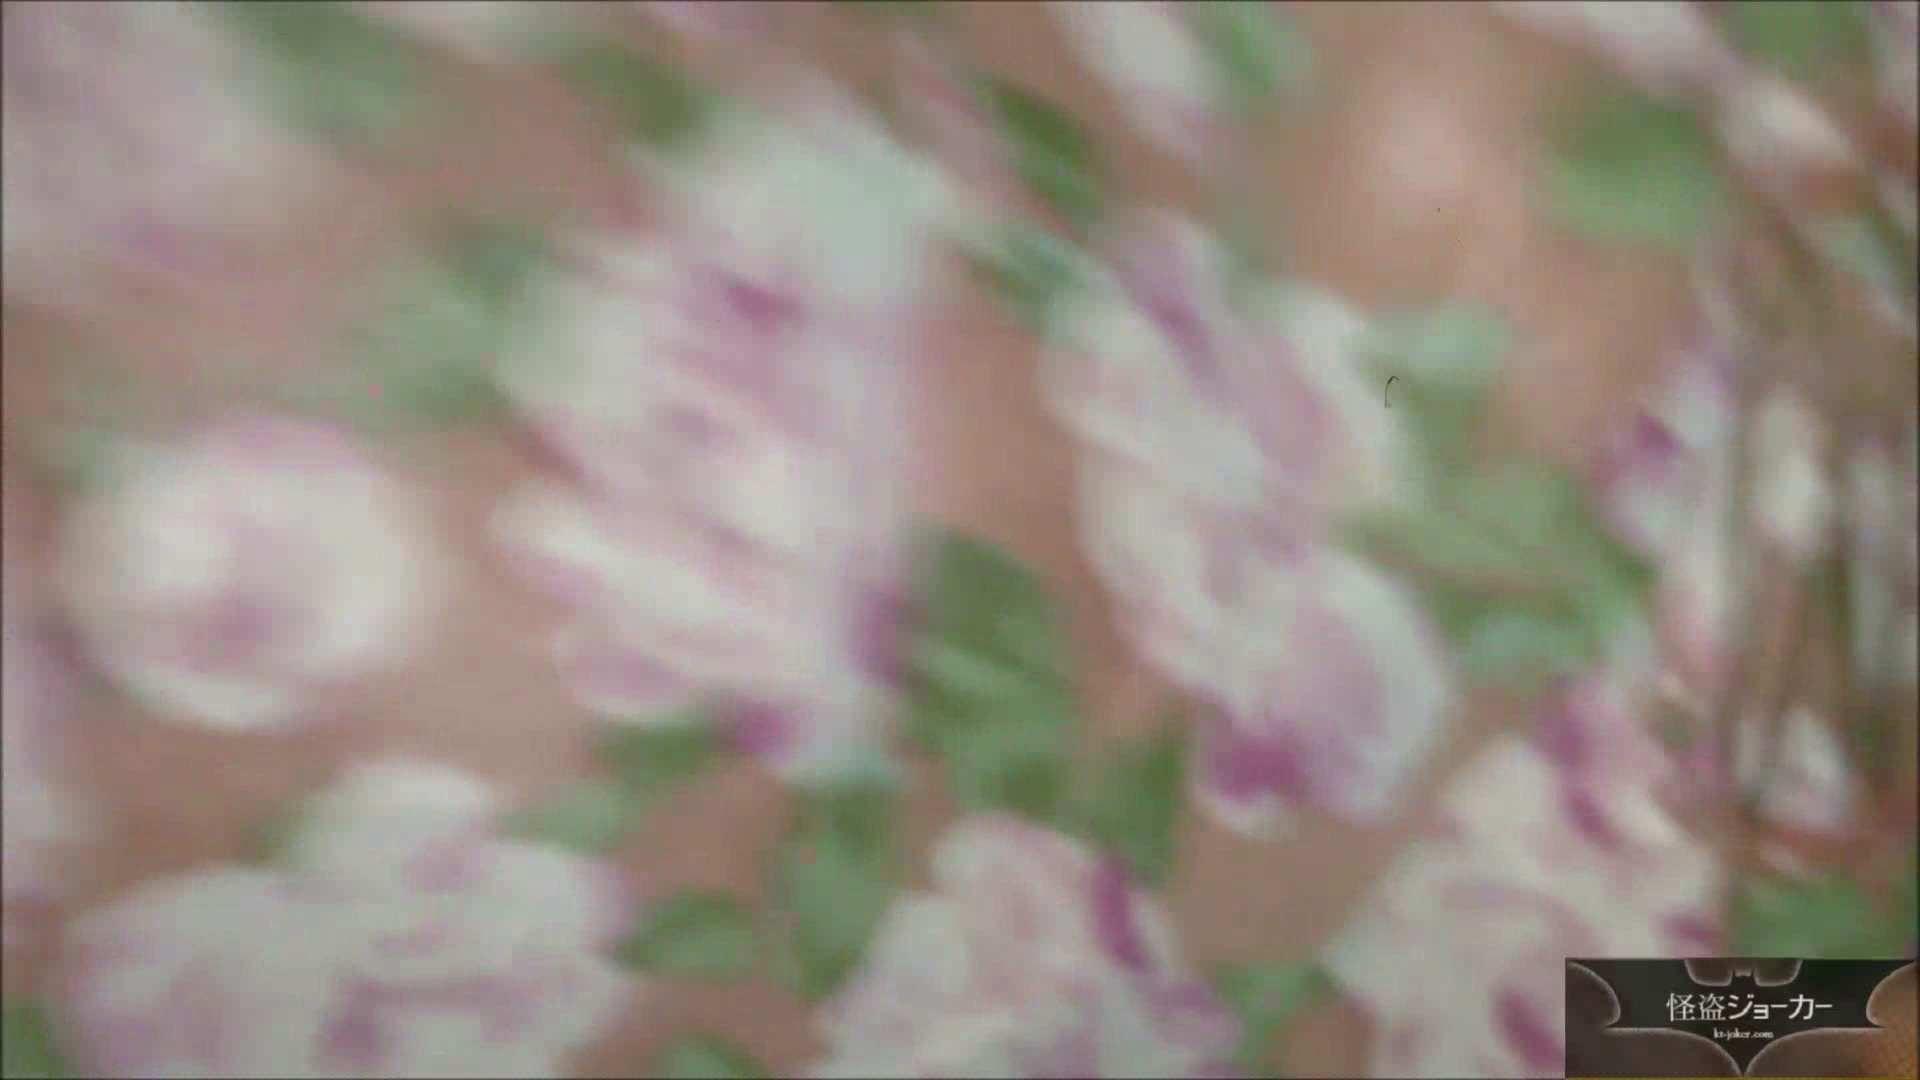 【未公開】vol.68{BLENDA系美女}UAちゃん_甘い香りと生臭い香り 美女達のヌード   OL  23連発 16